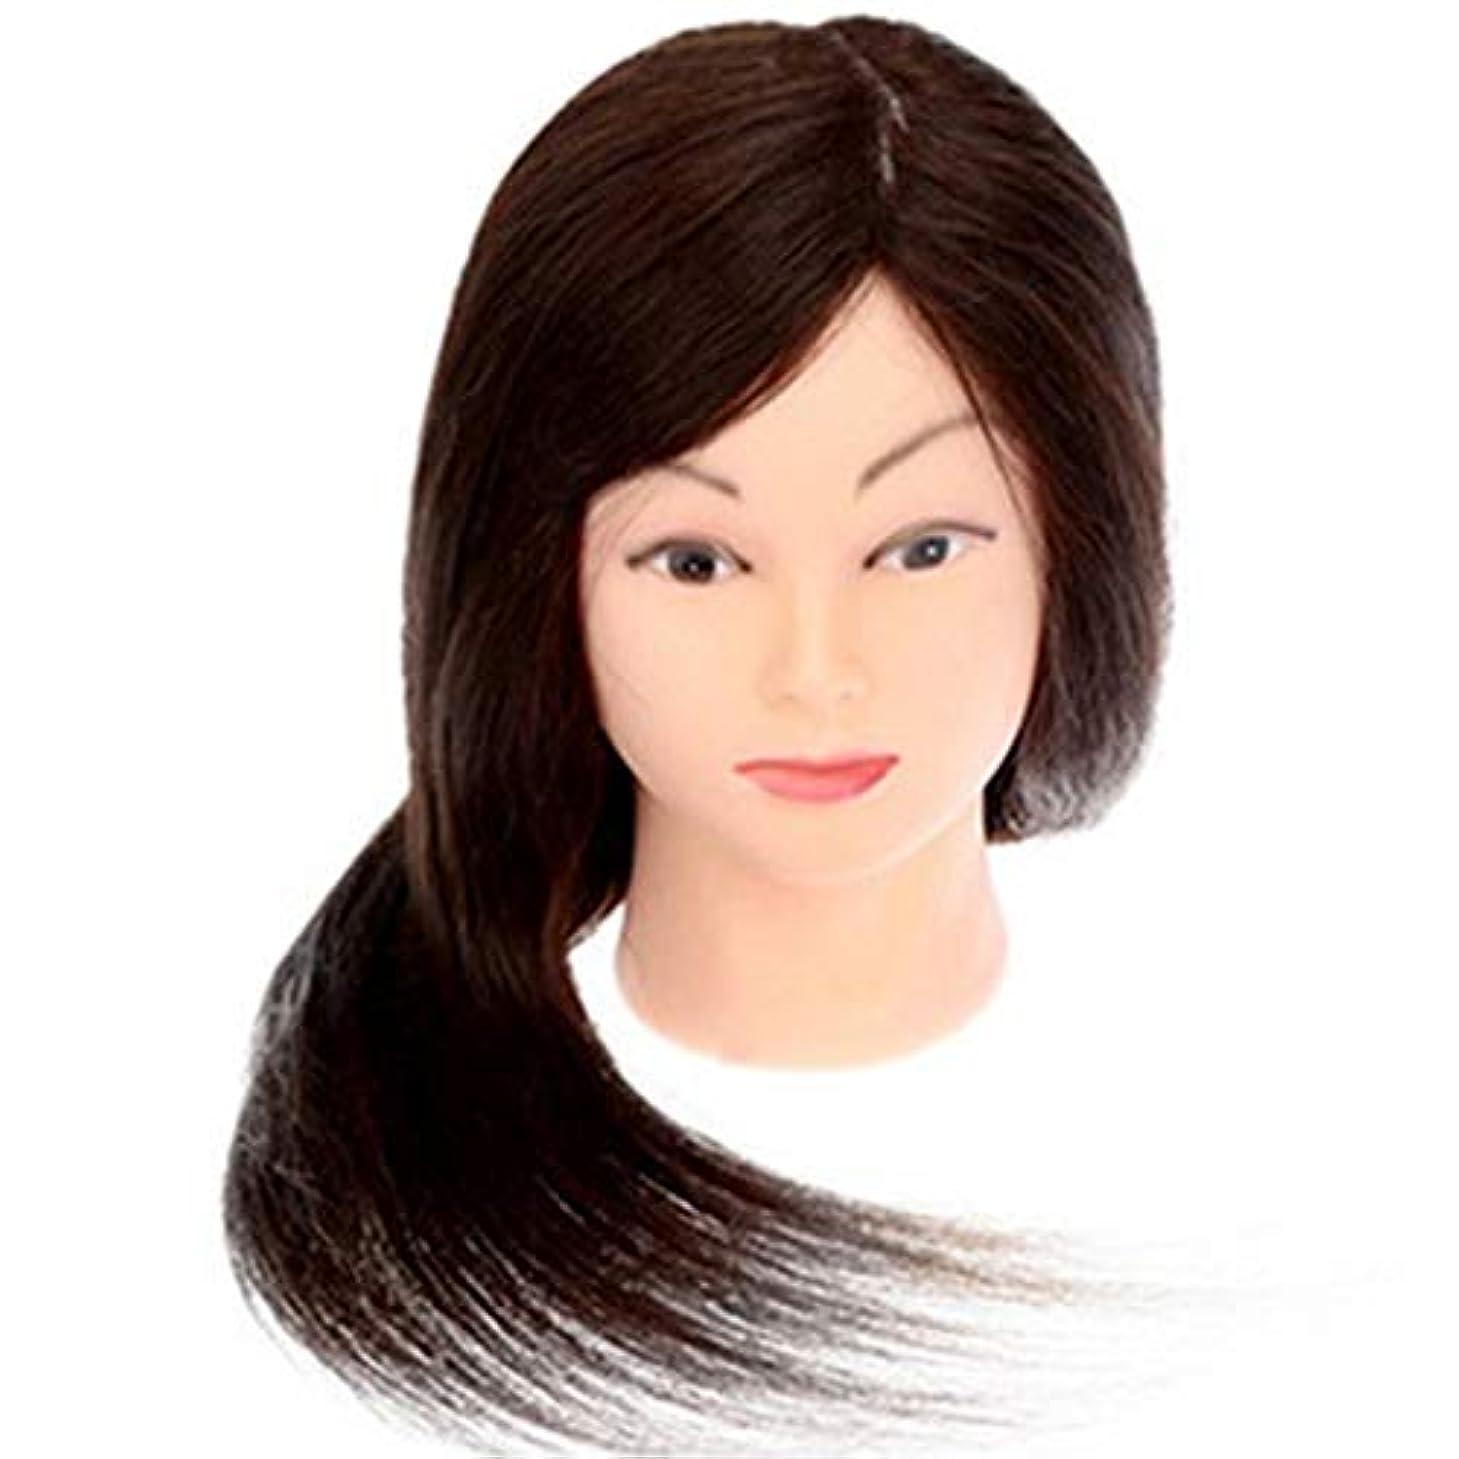 のぞき見服を着るかもしれないメイクアップエクササイズディスク髪編組ヘッド金型デュアルユースダミーヘッドモデルヘッド美容ヘアカットティーチングヘッドかつら